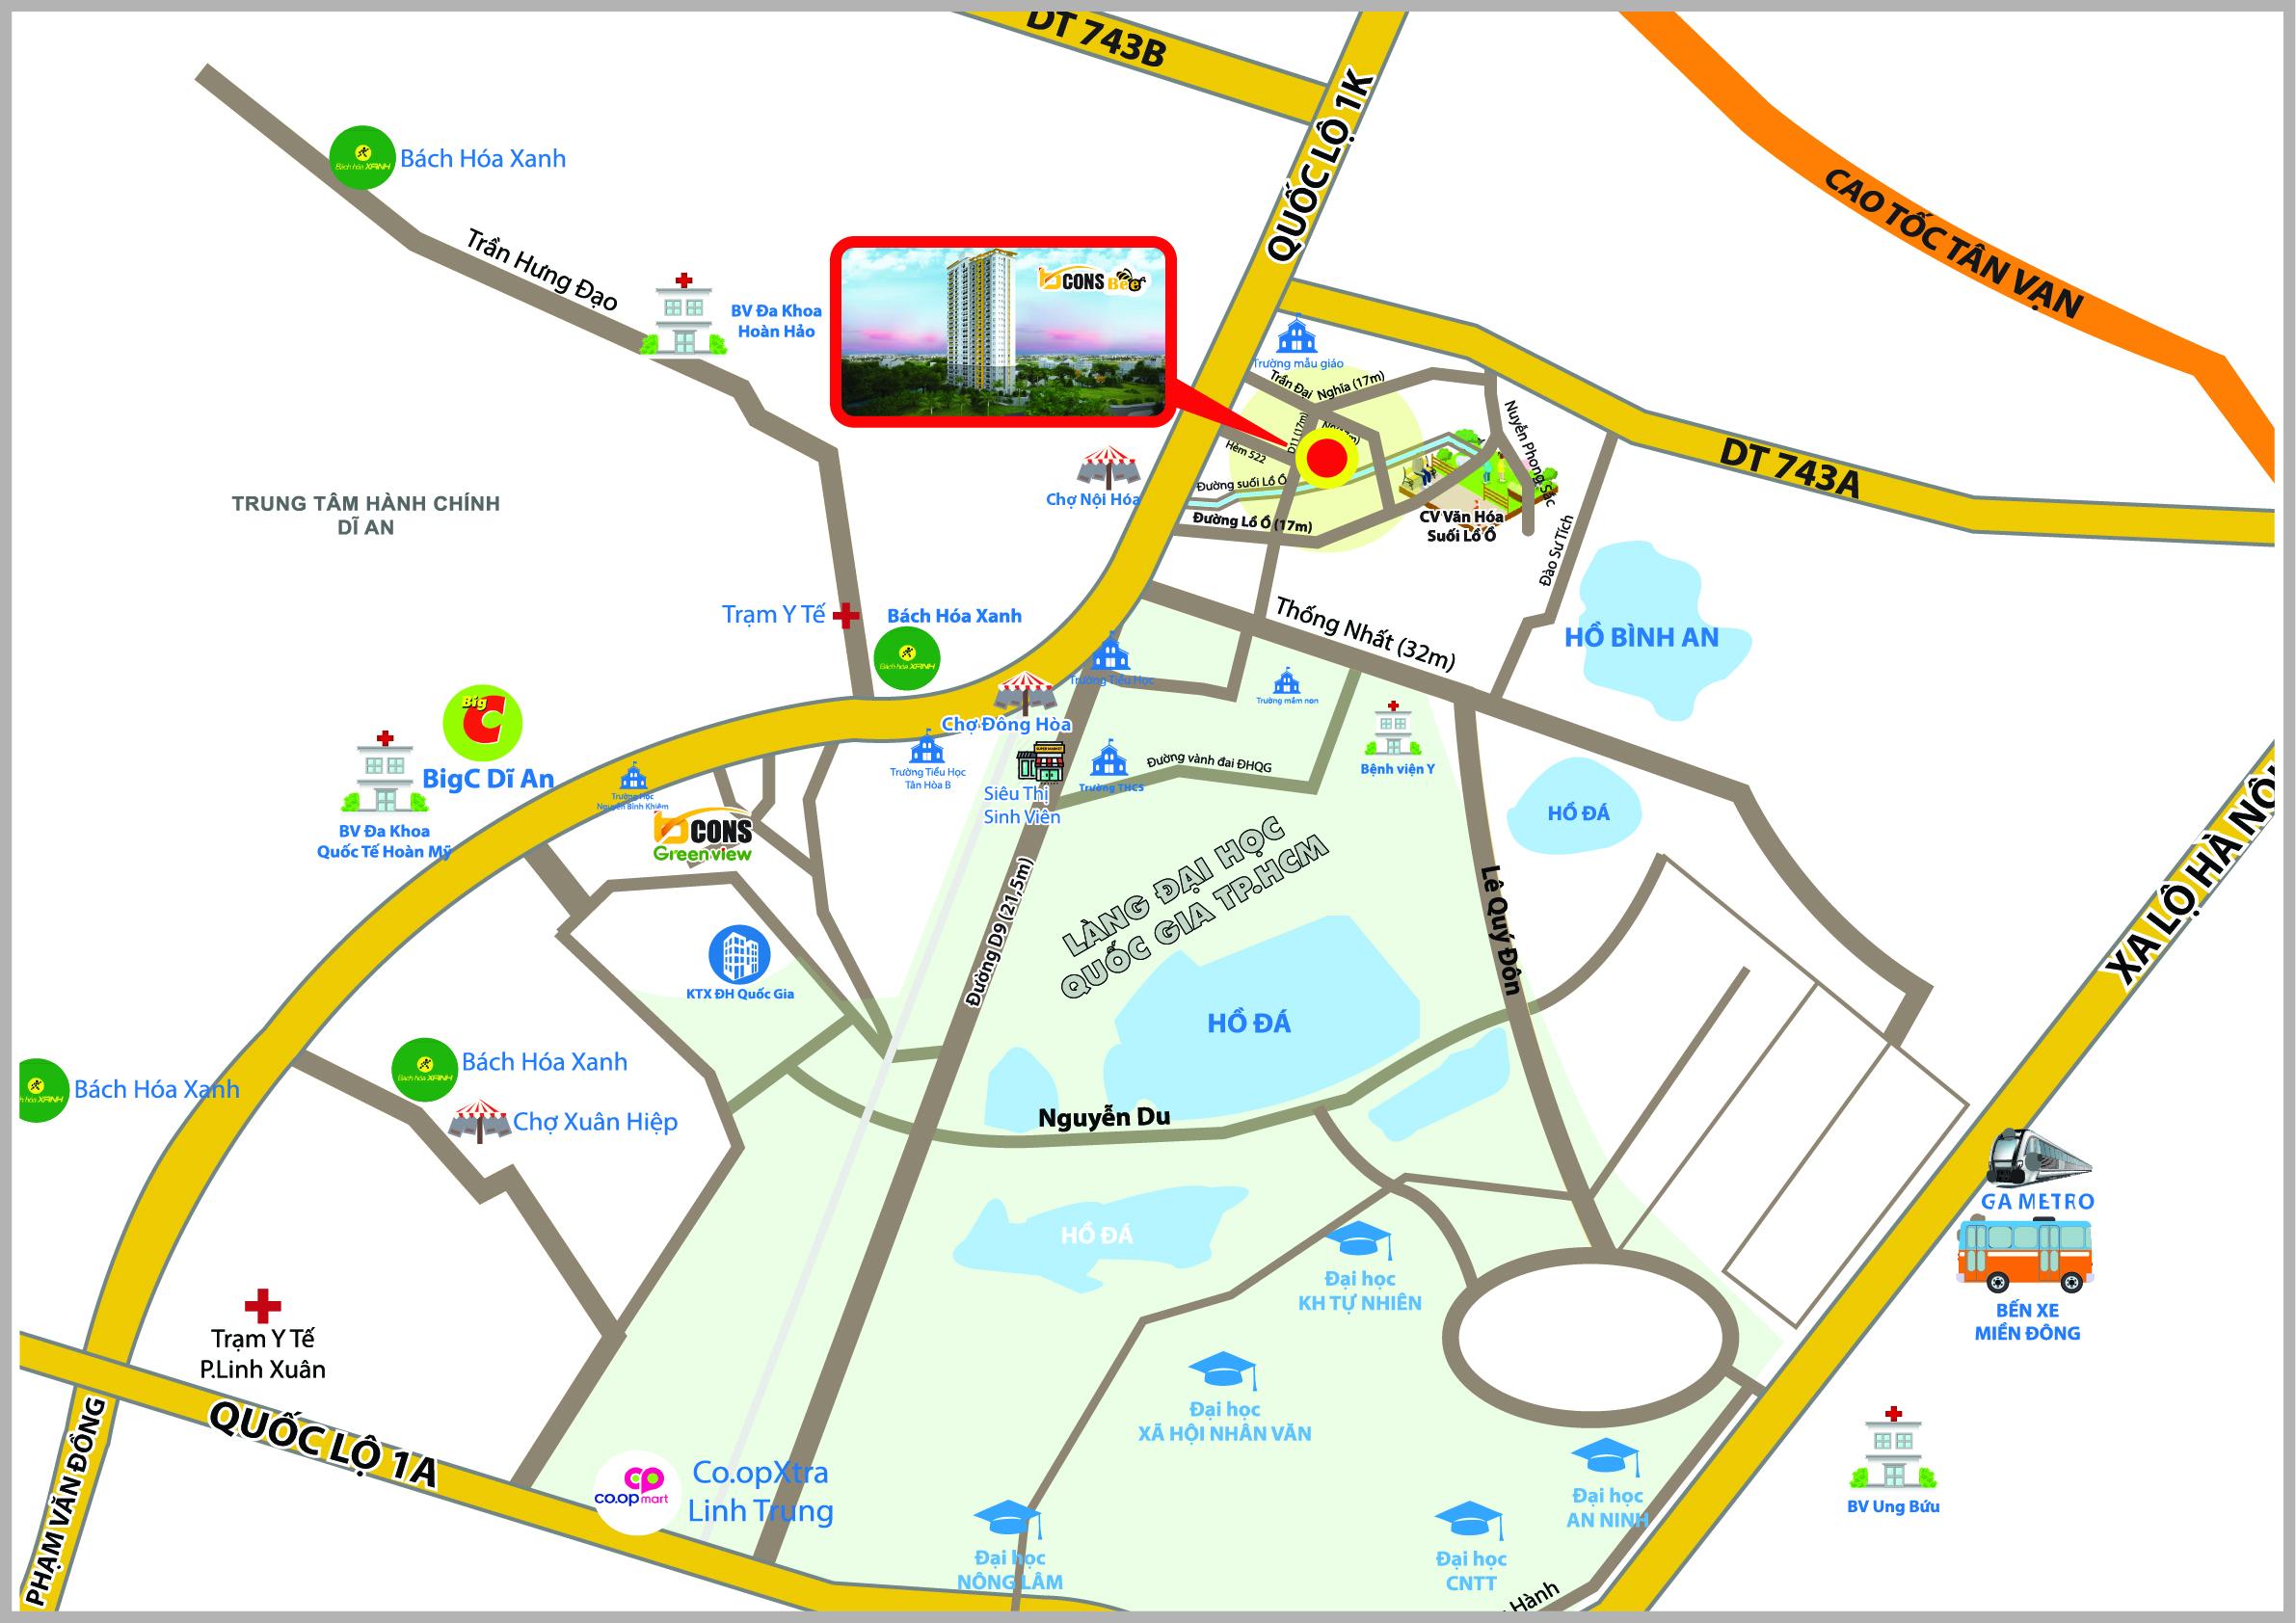 Vị trí dự án căn hộ chung cư Bcons Bee Nội Hóa